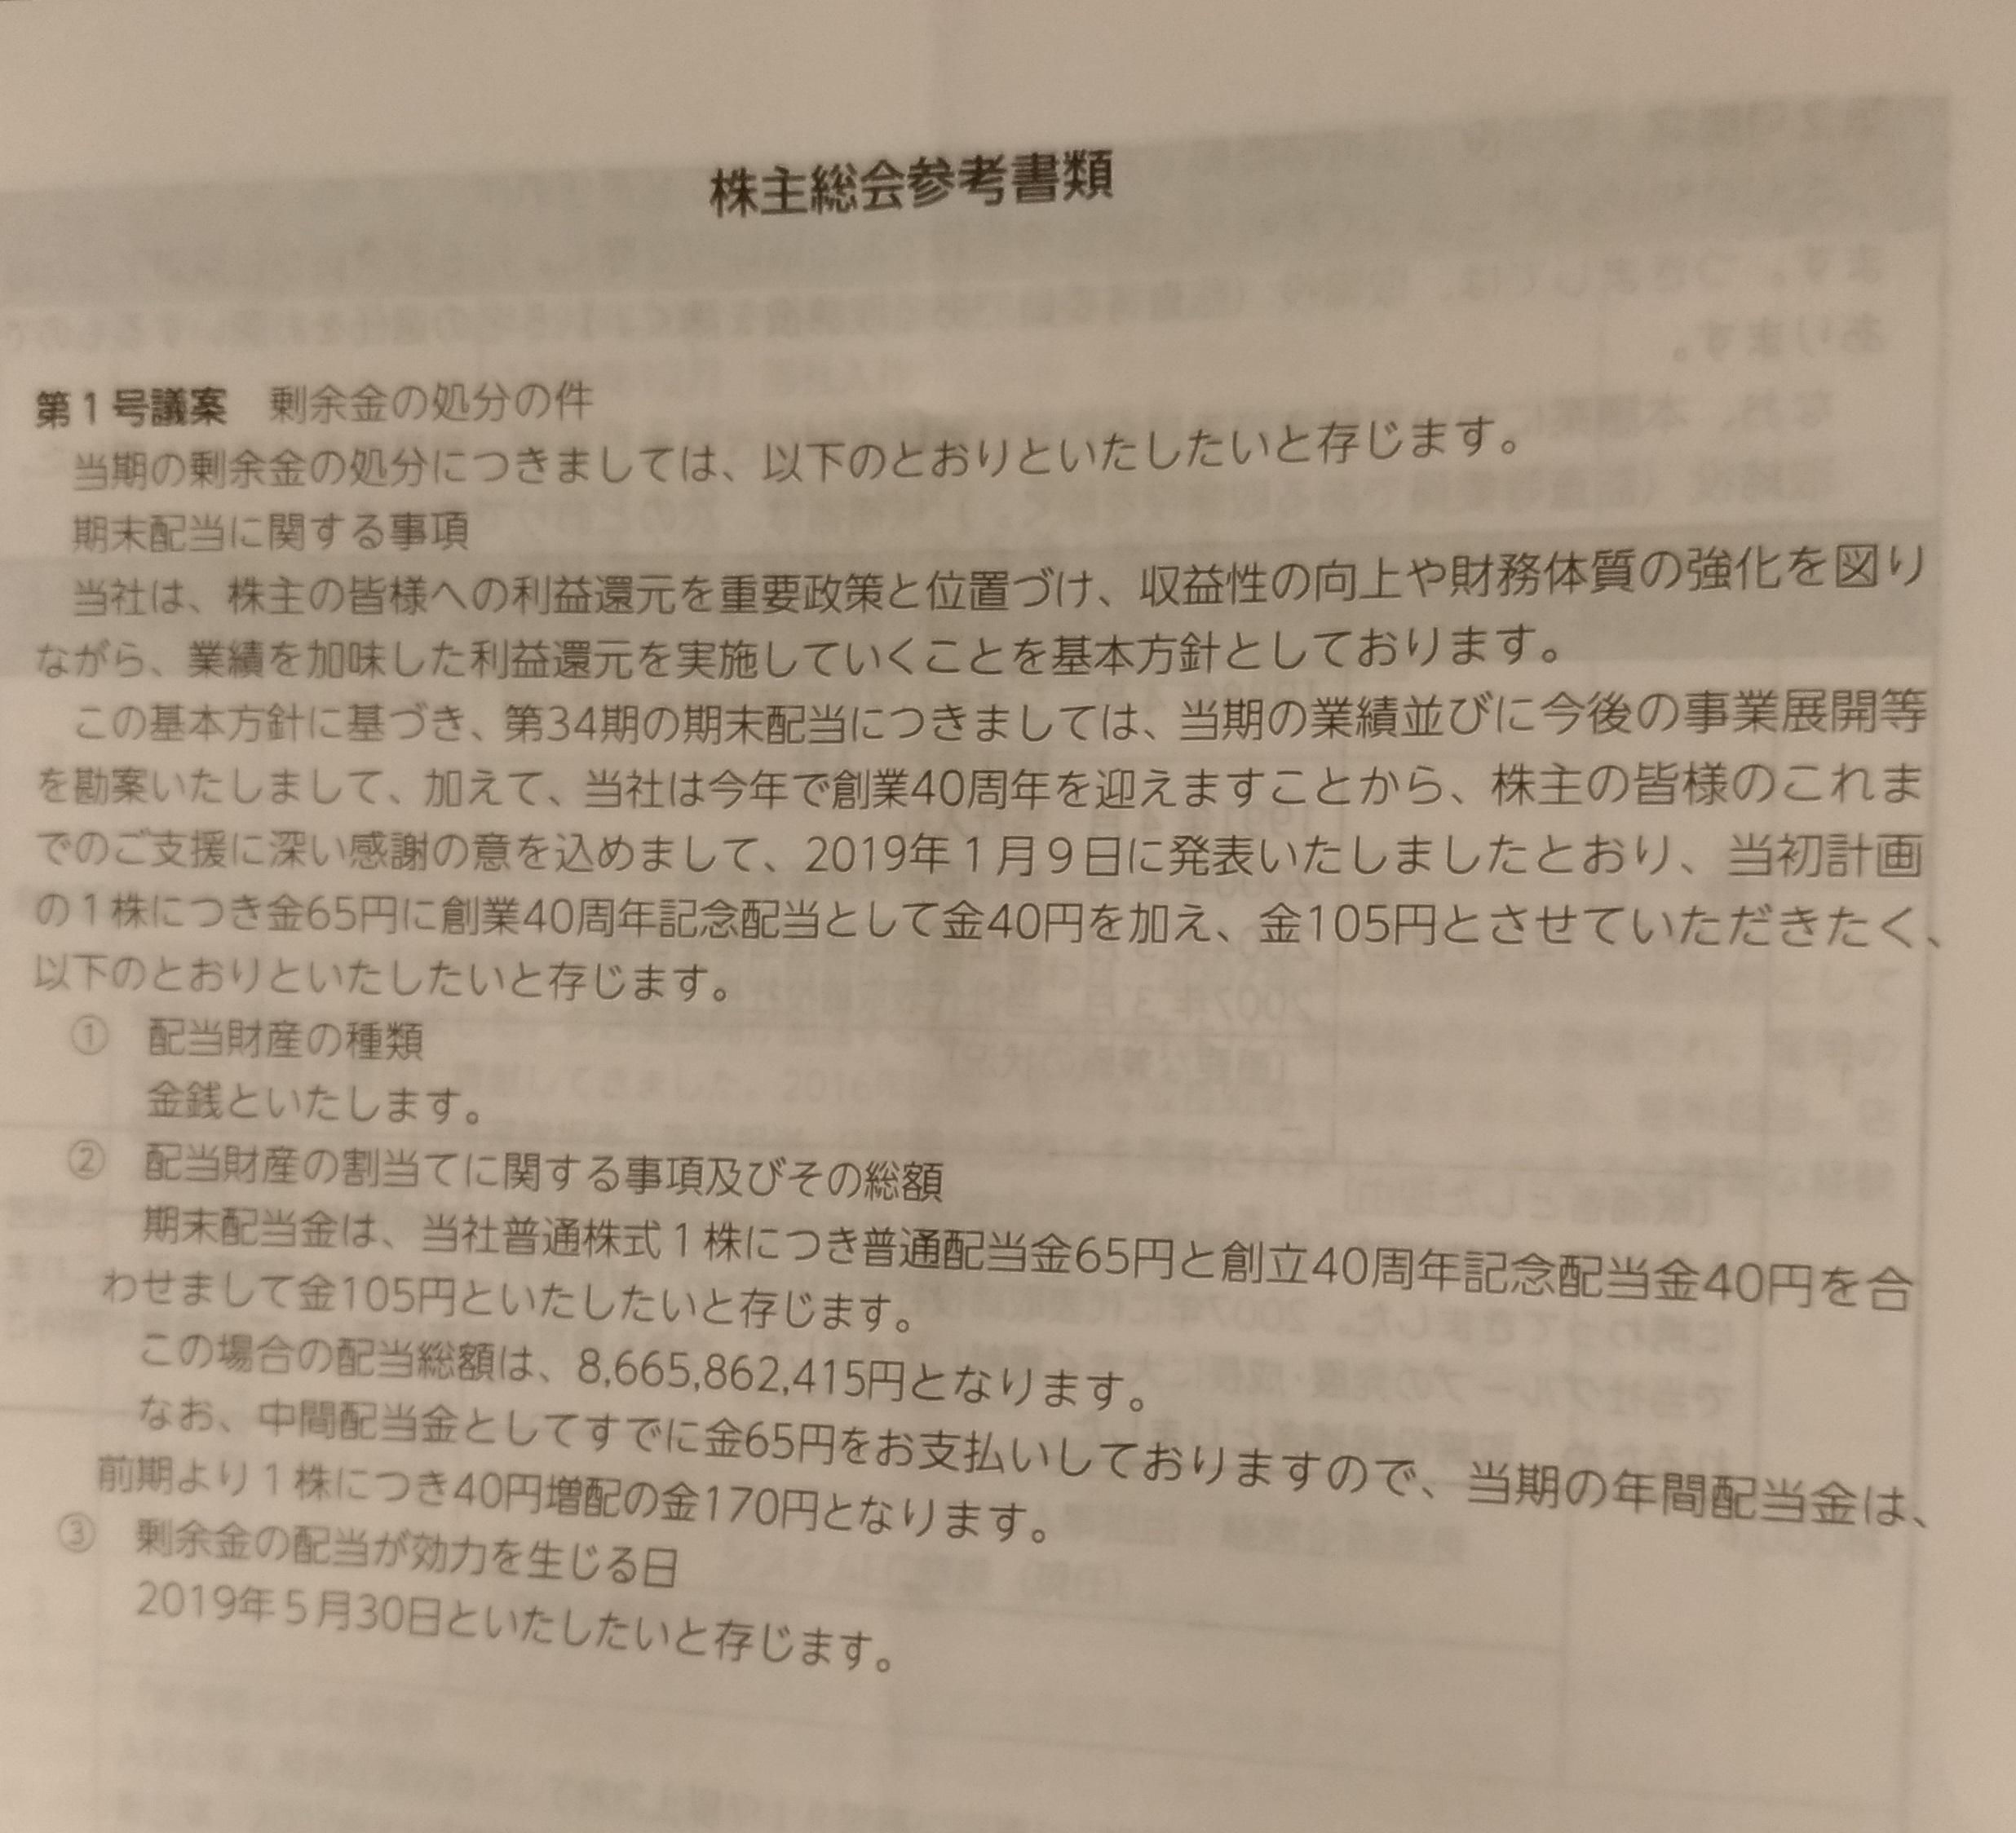 abc_mart_kabu_haito.jpg